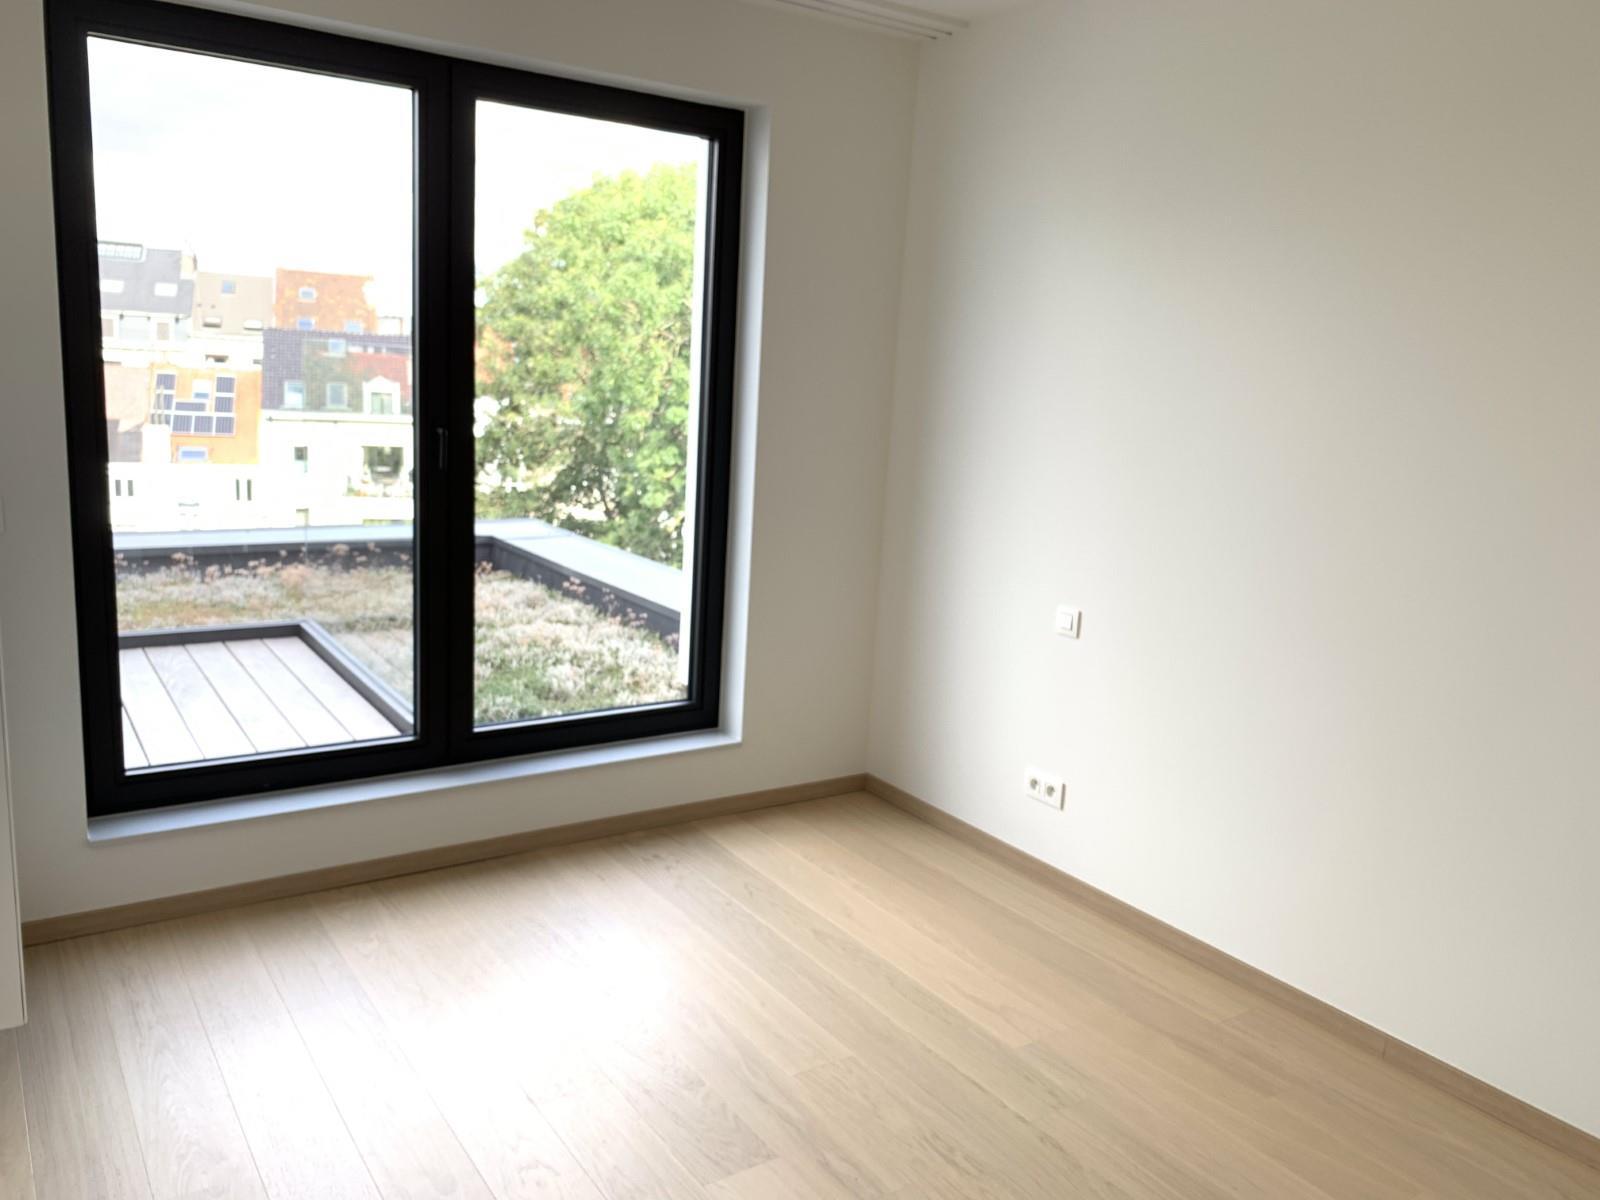 Appartement exceptionnel - Ixelles - #3929606-8